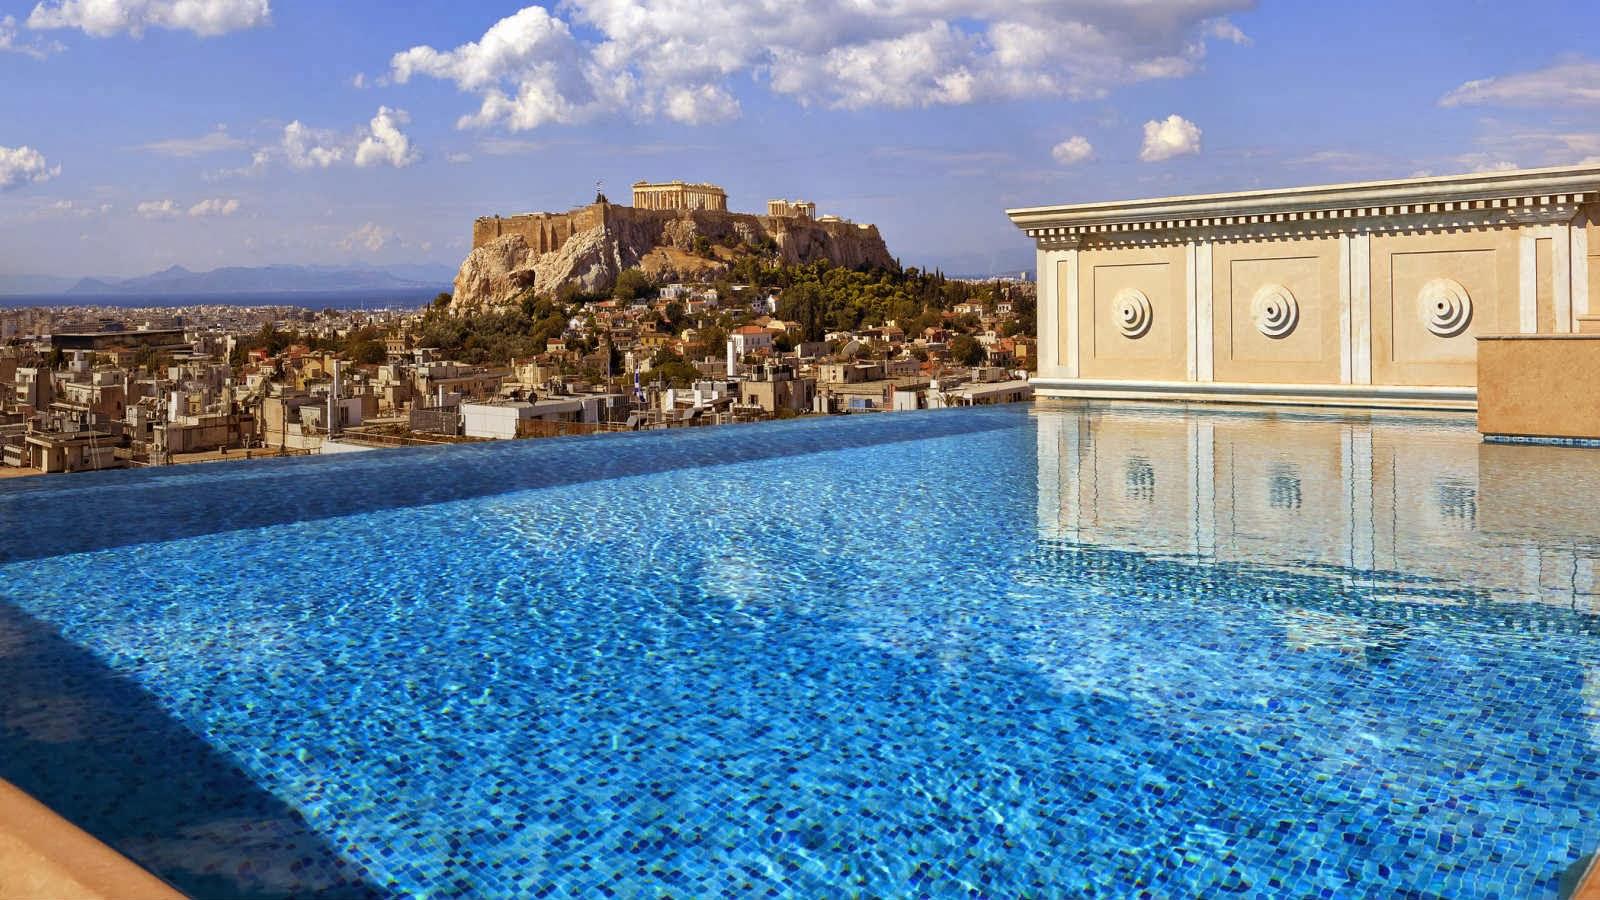 Luxury life design luxurious king george athens for Designhotel athen